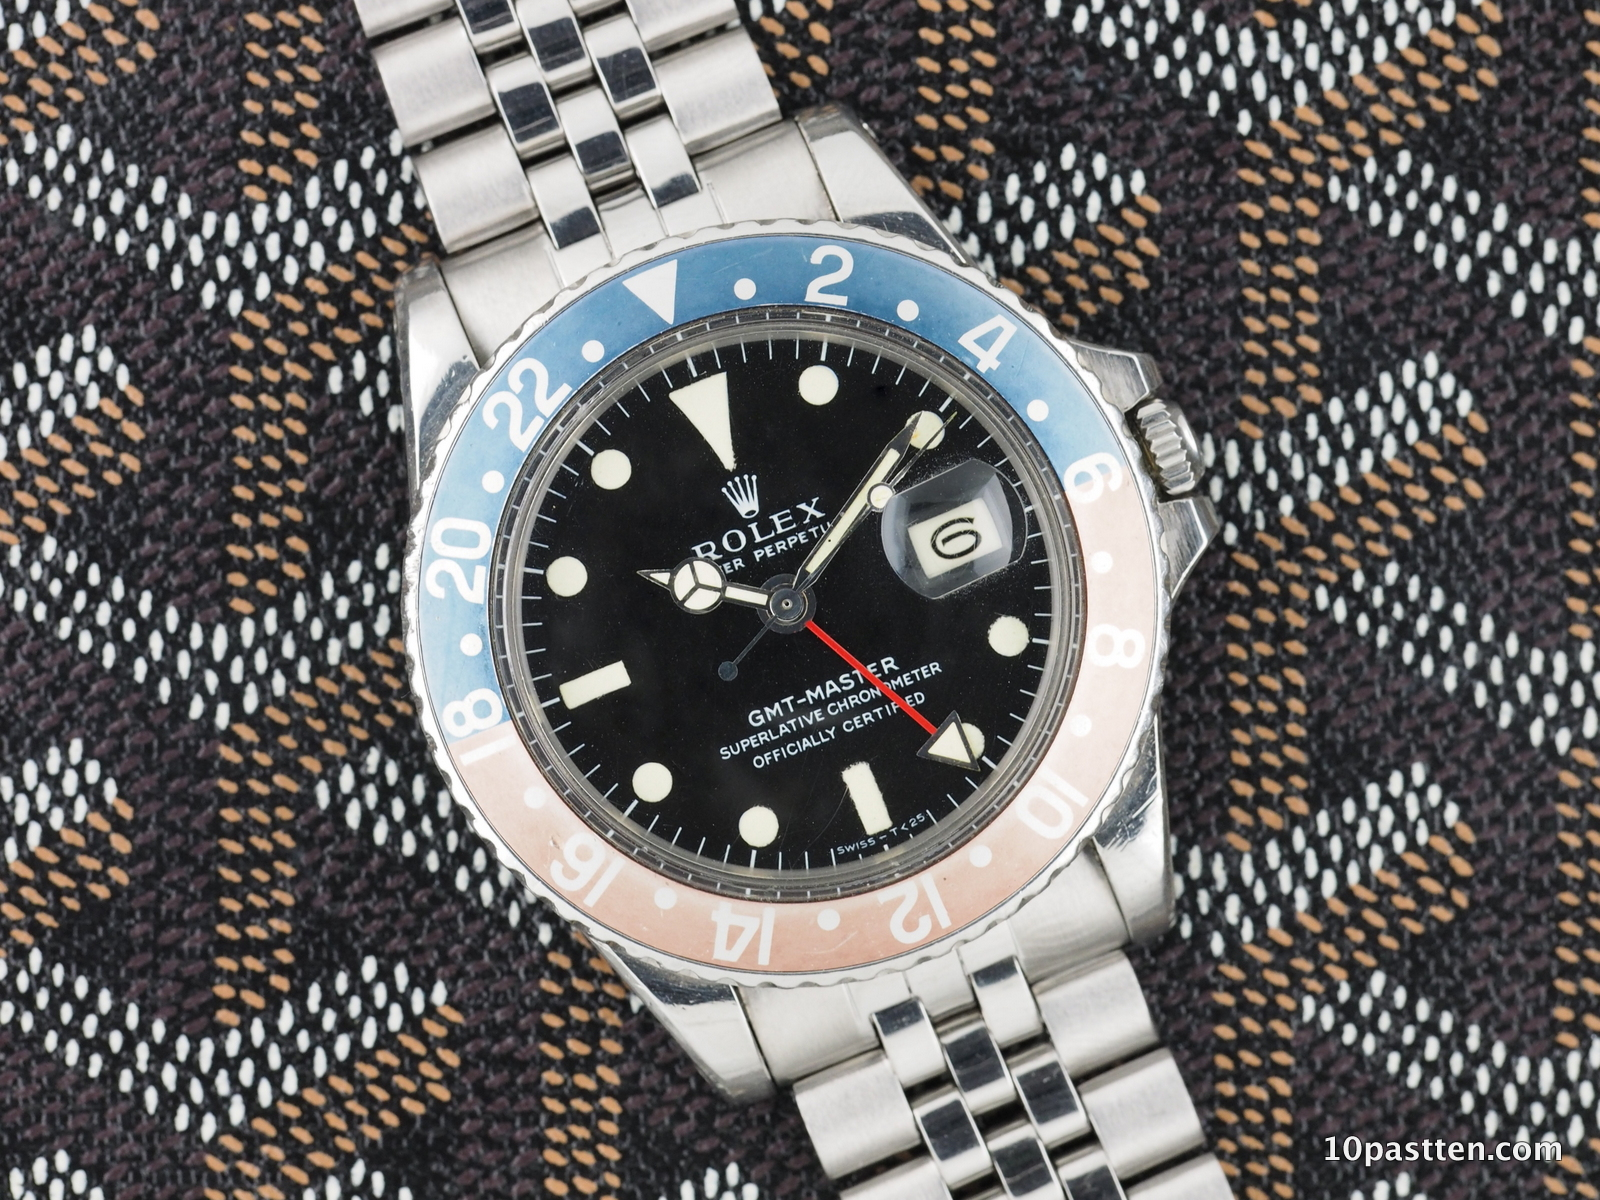 Rolex GMT Master Ref 1675 10pastten.jpg